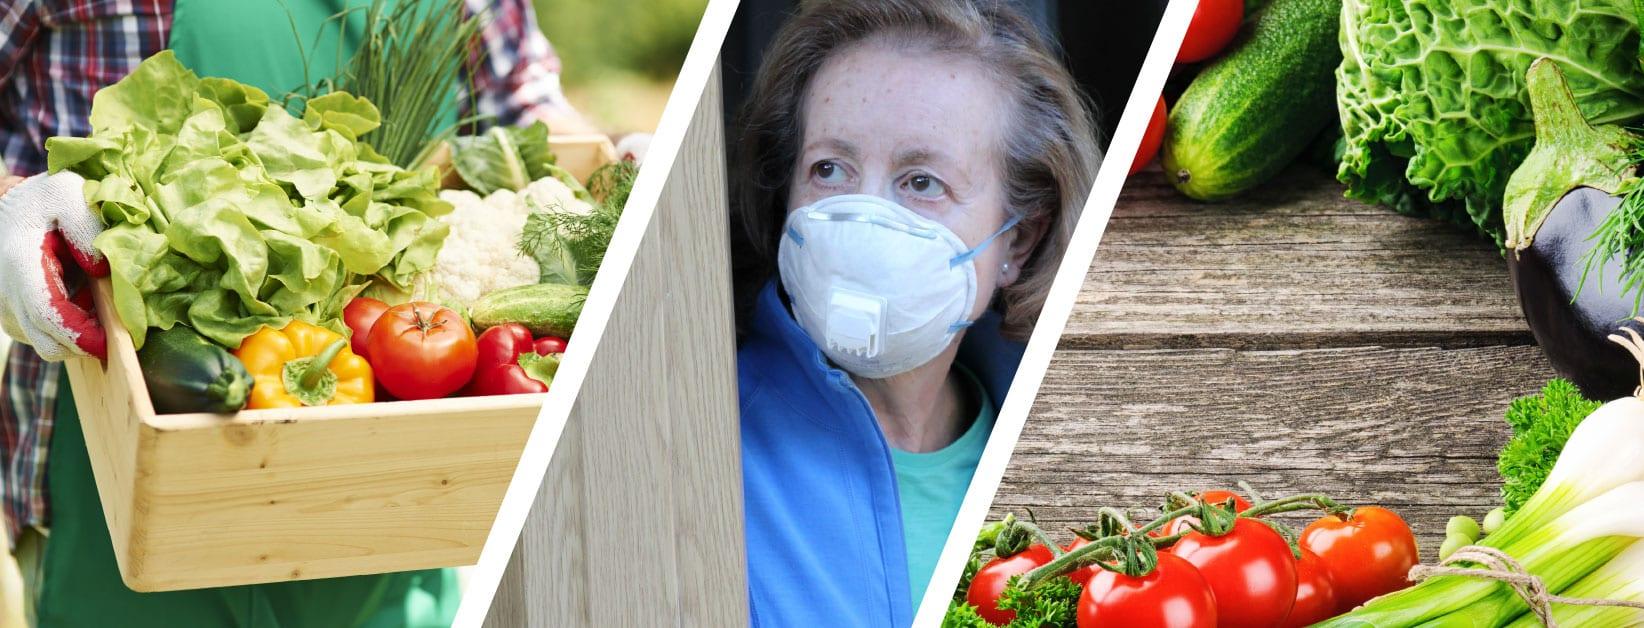 La spesa del contadino a casa durante l'emergenza coronavirus